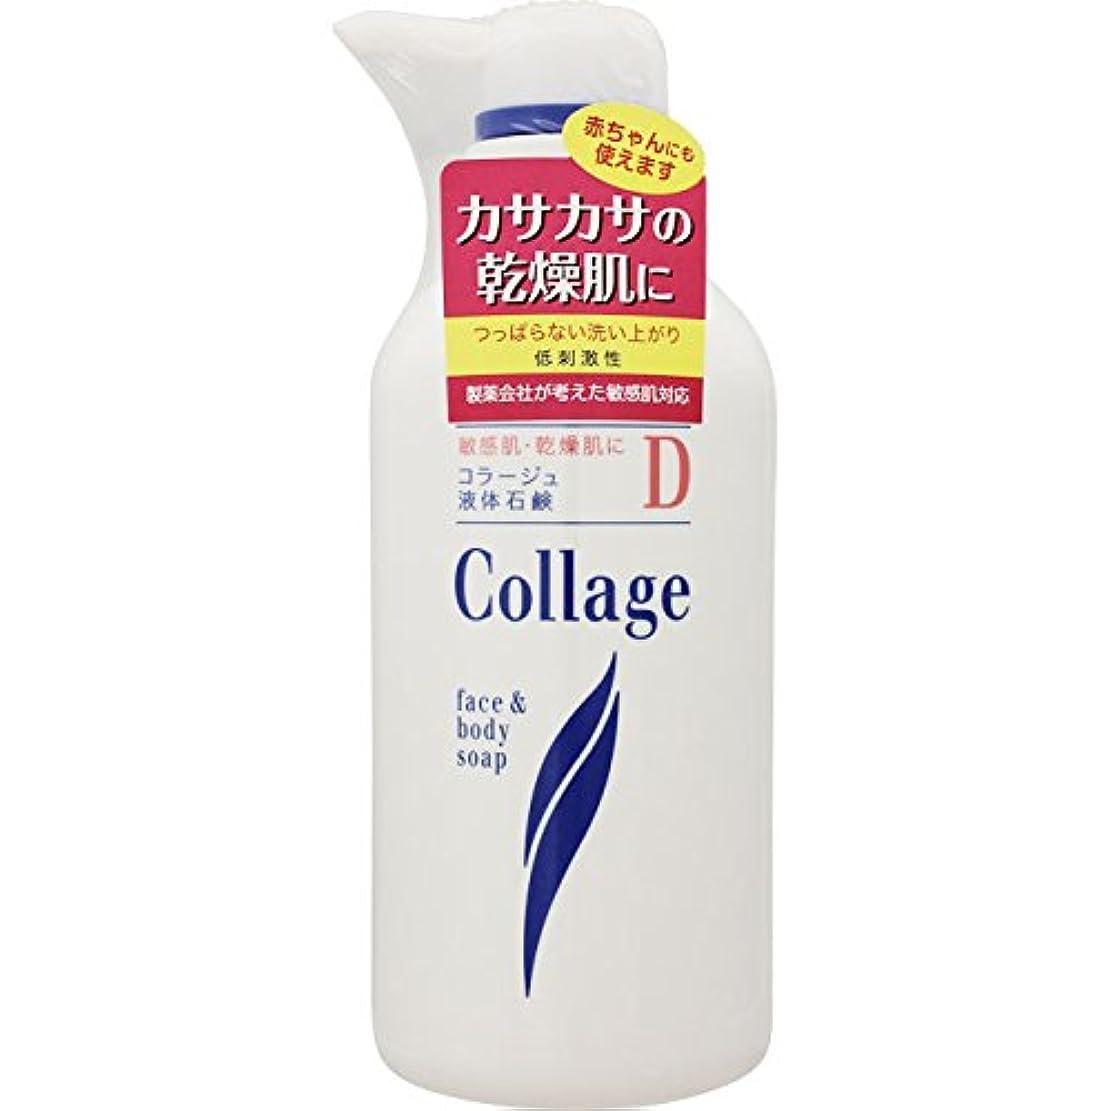 共和国歴史ワーカー持田ヘルスケア コラージュD液体石鹸 400ml